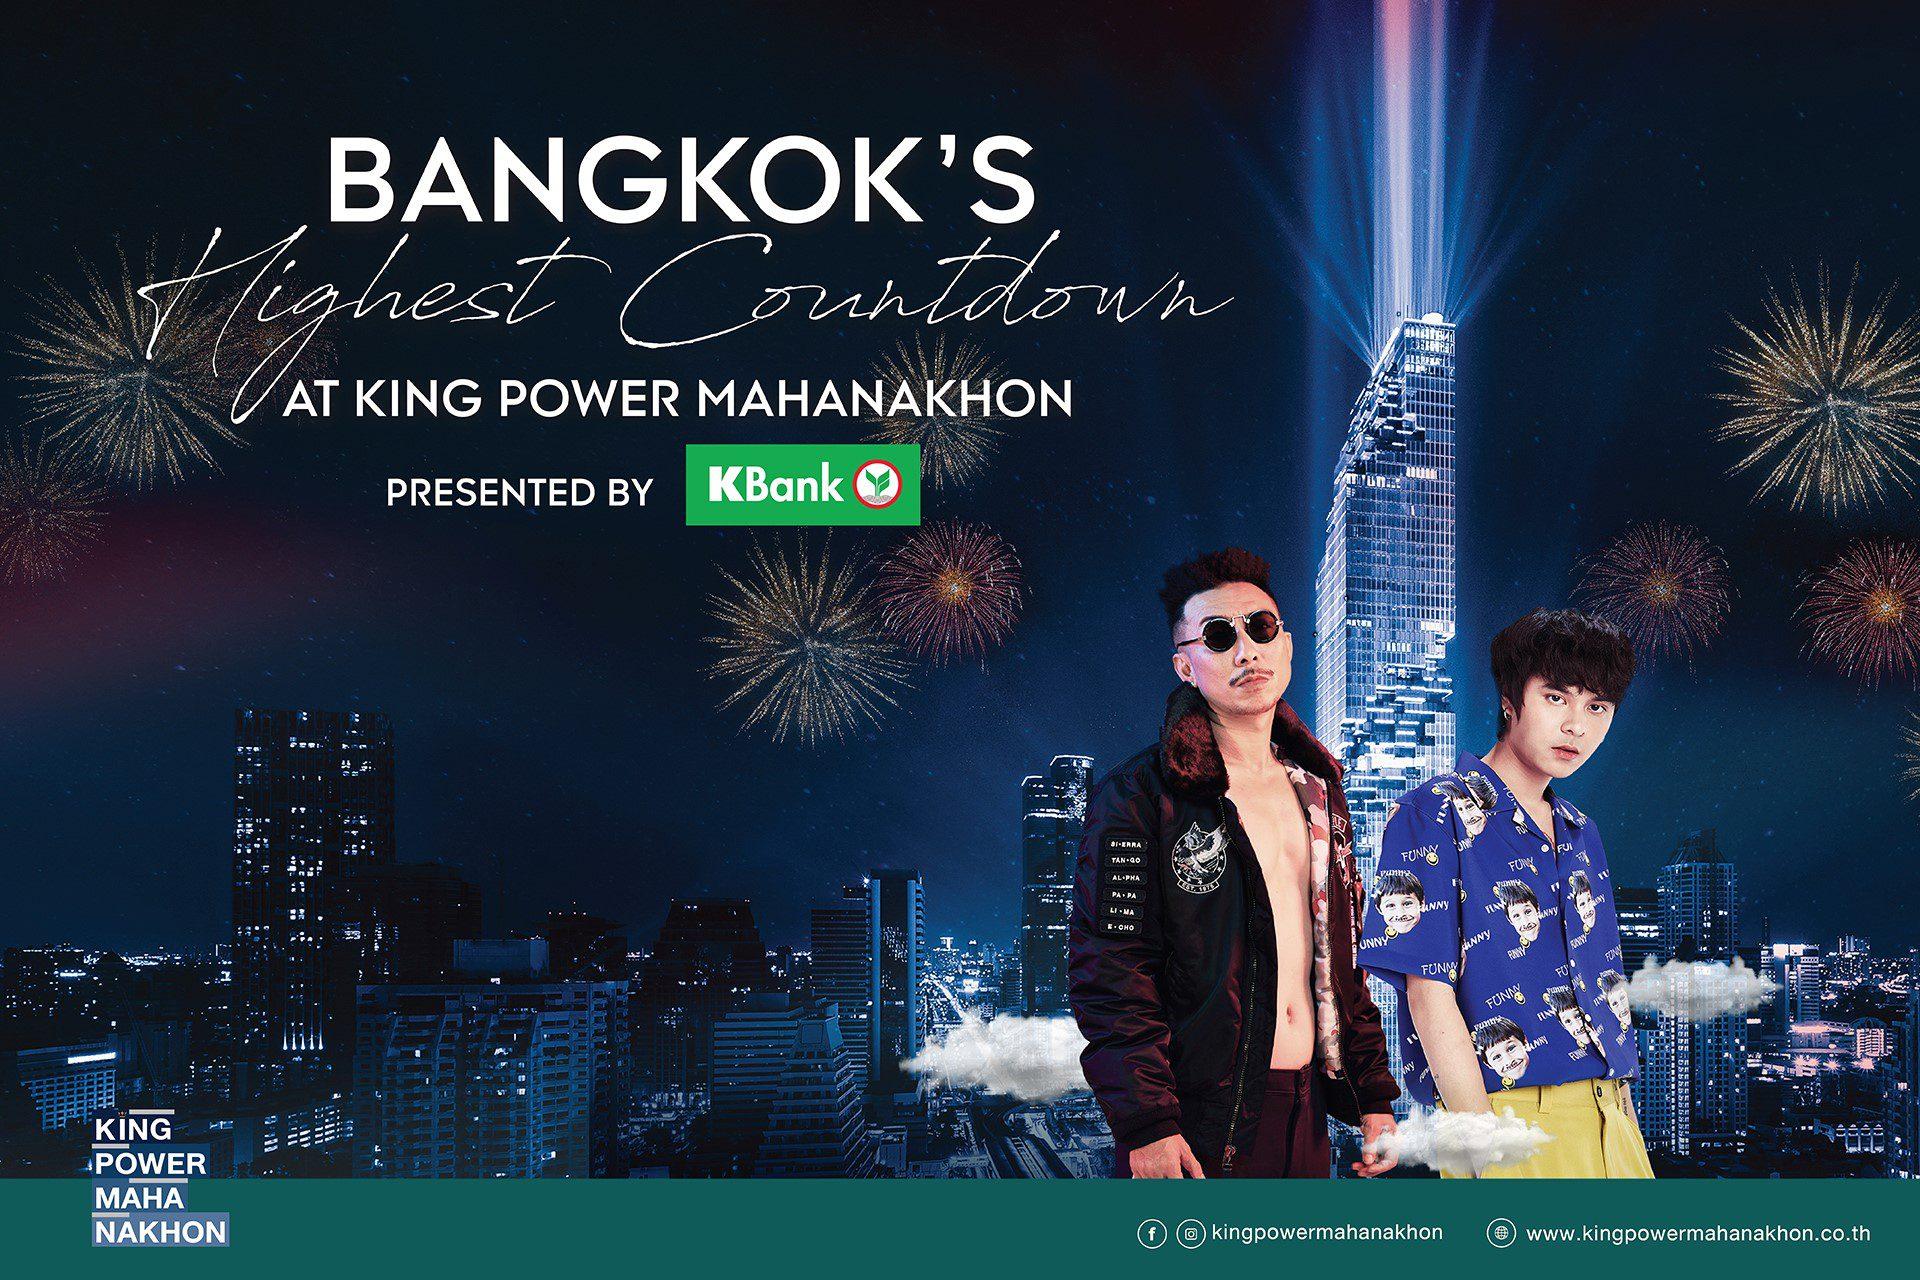 """ร่วมนับถอยหลังสู่ปี 2021 กับ ปาร์ตี้เคาท์ดาวน์ที่สูงที่สุดในกรุงเทพฯ ในงาน """"Bangkok's Highest Countdown at King Power Mahanakhon presented by KBank"""" สนุกไปกับโจอี้ บอย และเดอะทอยส์ พร้อมการแสดงพลุสุดอลังการทั่วกรุงเทพฯ"""